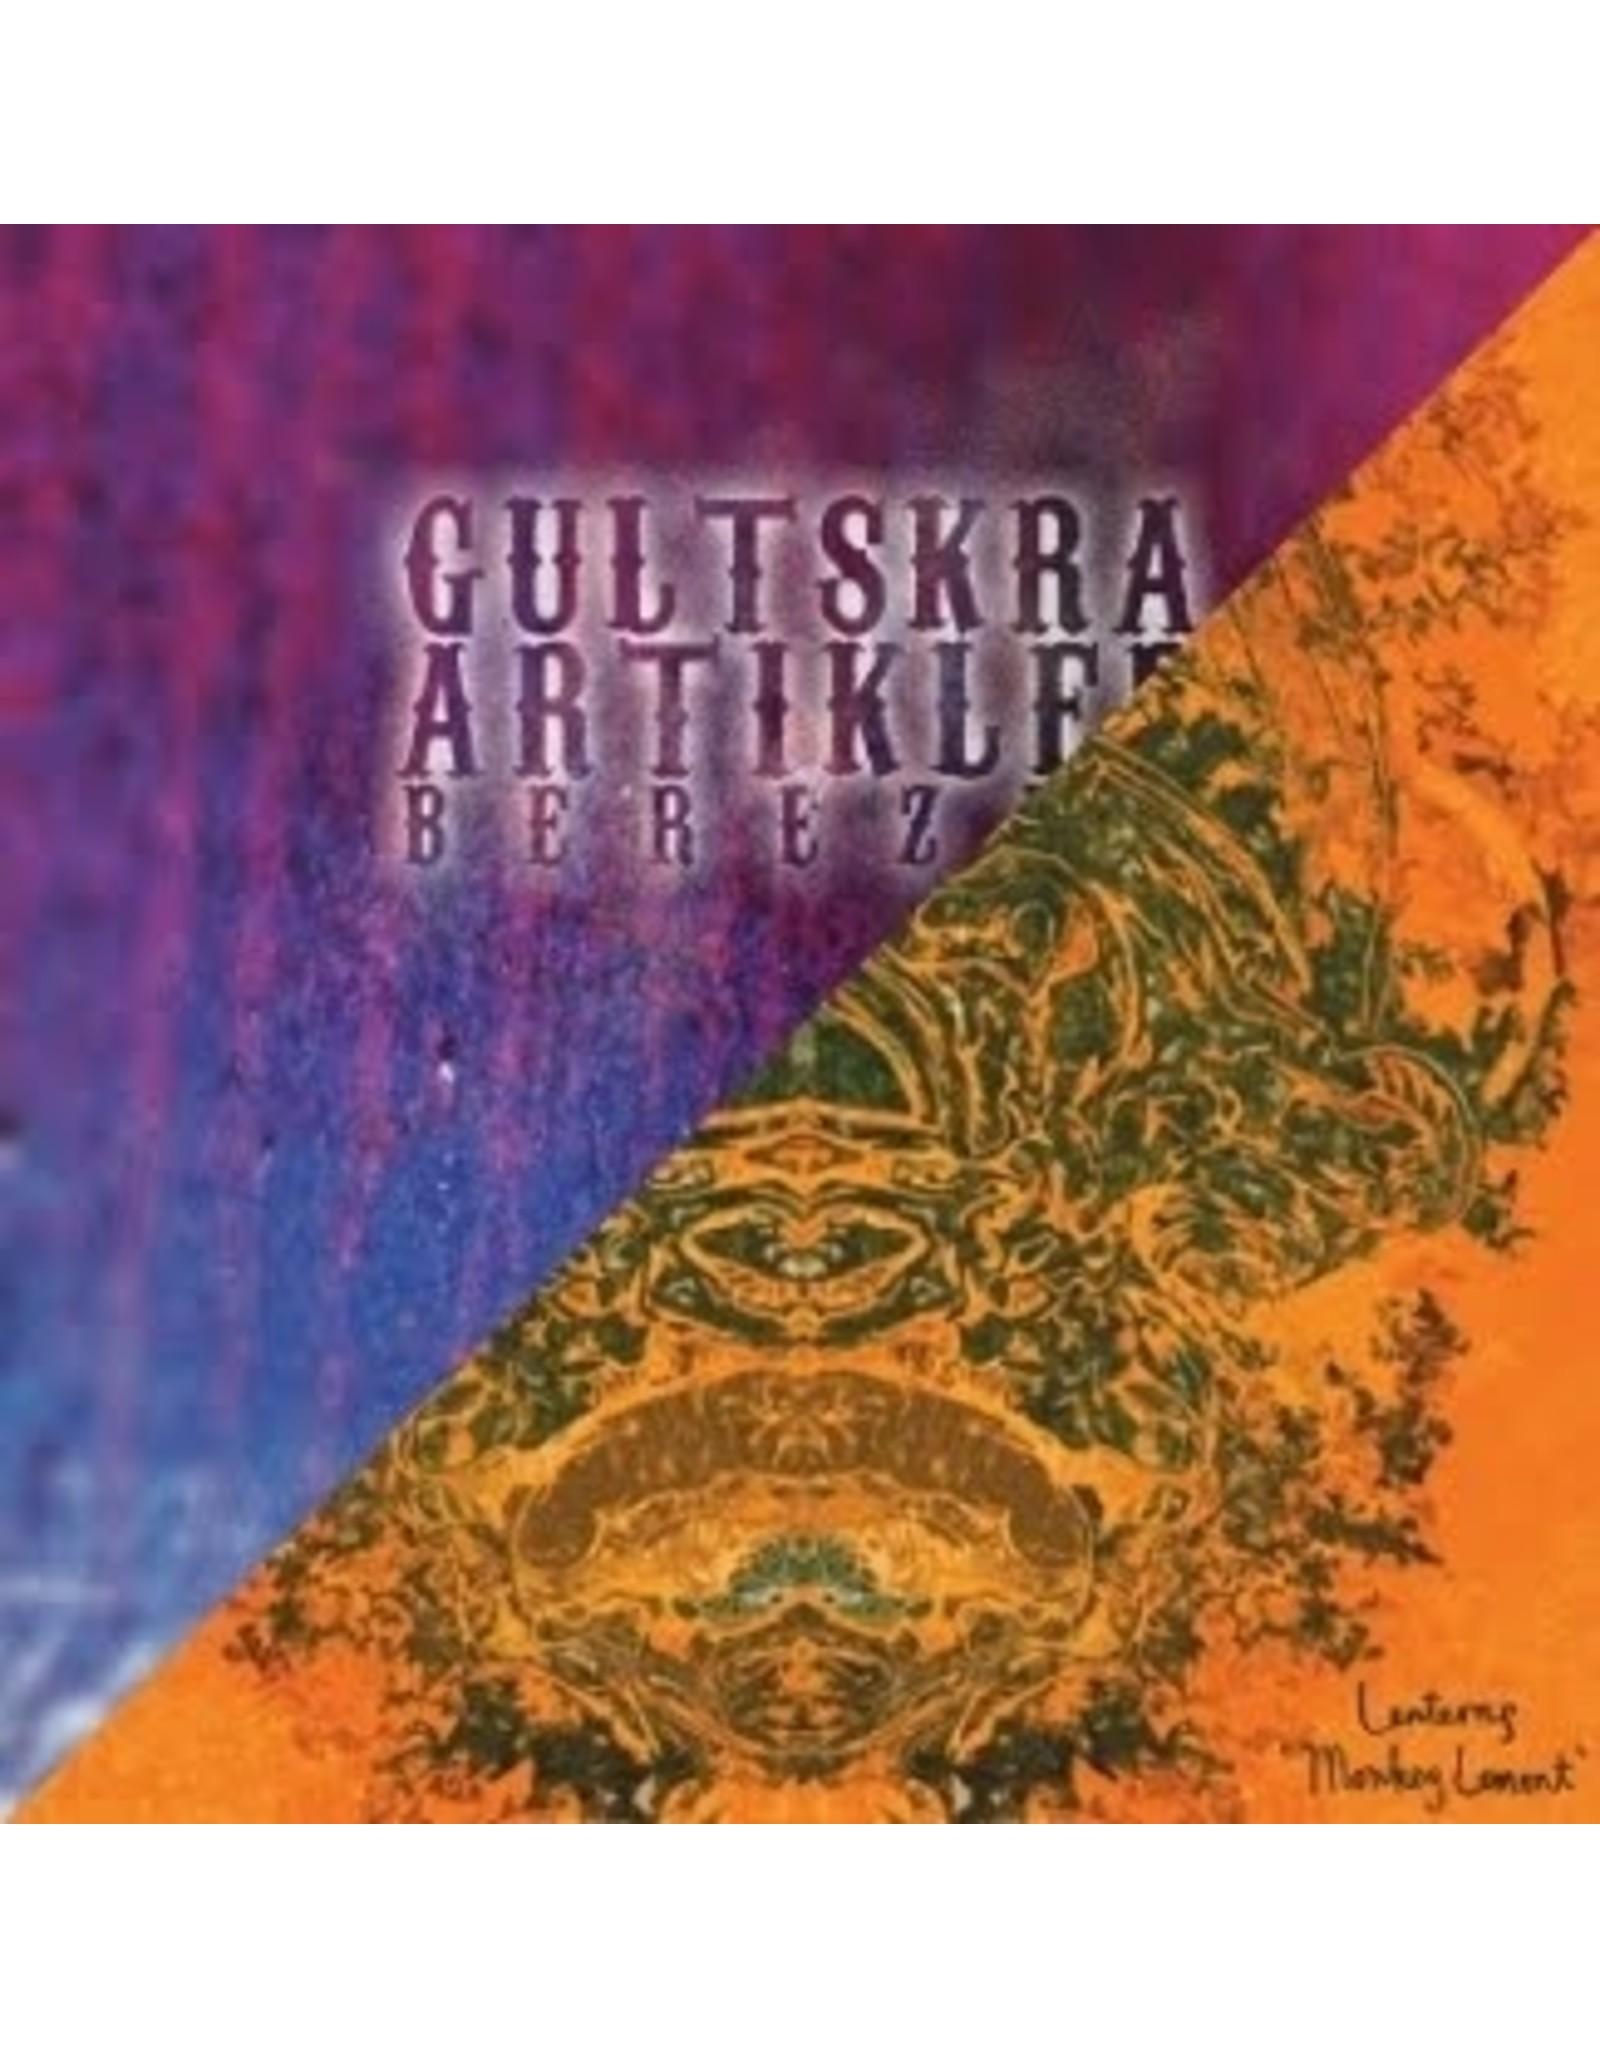 New Vinyl Gultskra Artikler/Lanterns - Berezka/Monkey Lament LP